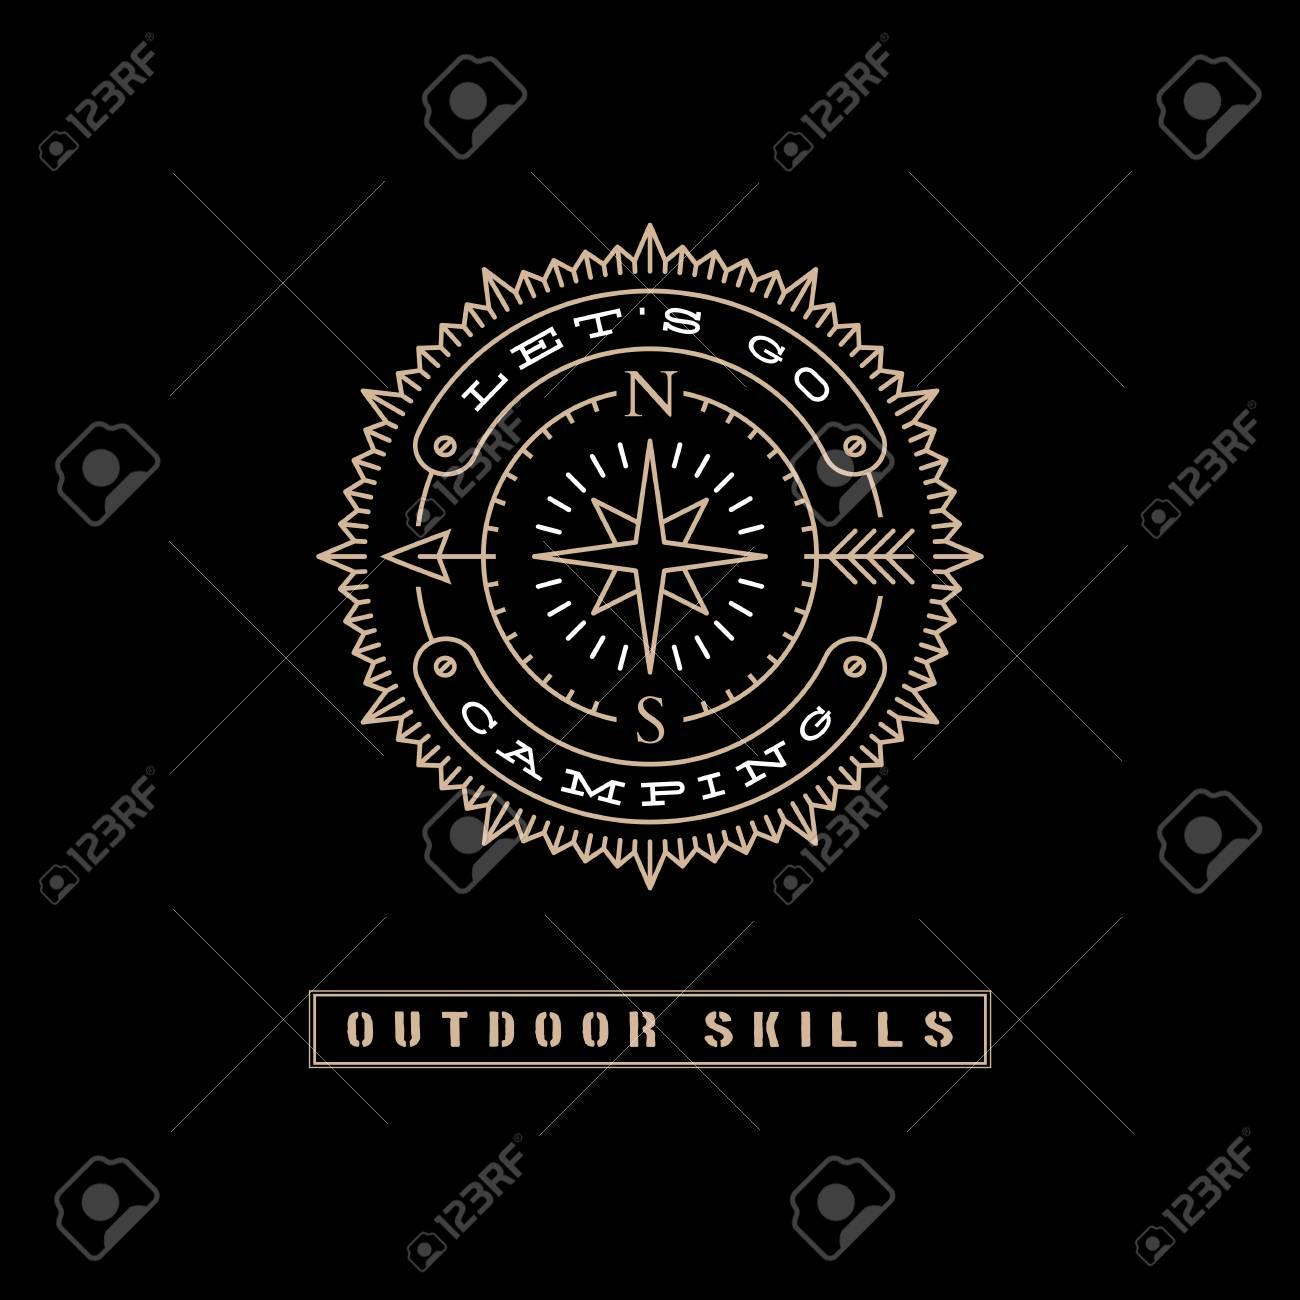 Etiqueta De Diseño De Plantilla Con Flecha, Estrella Y Dirección De ...